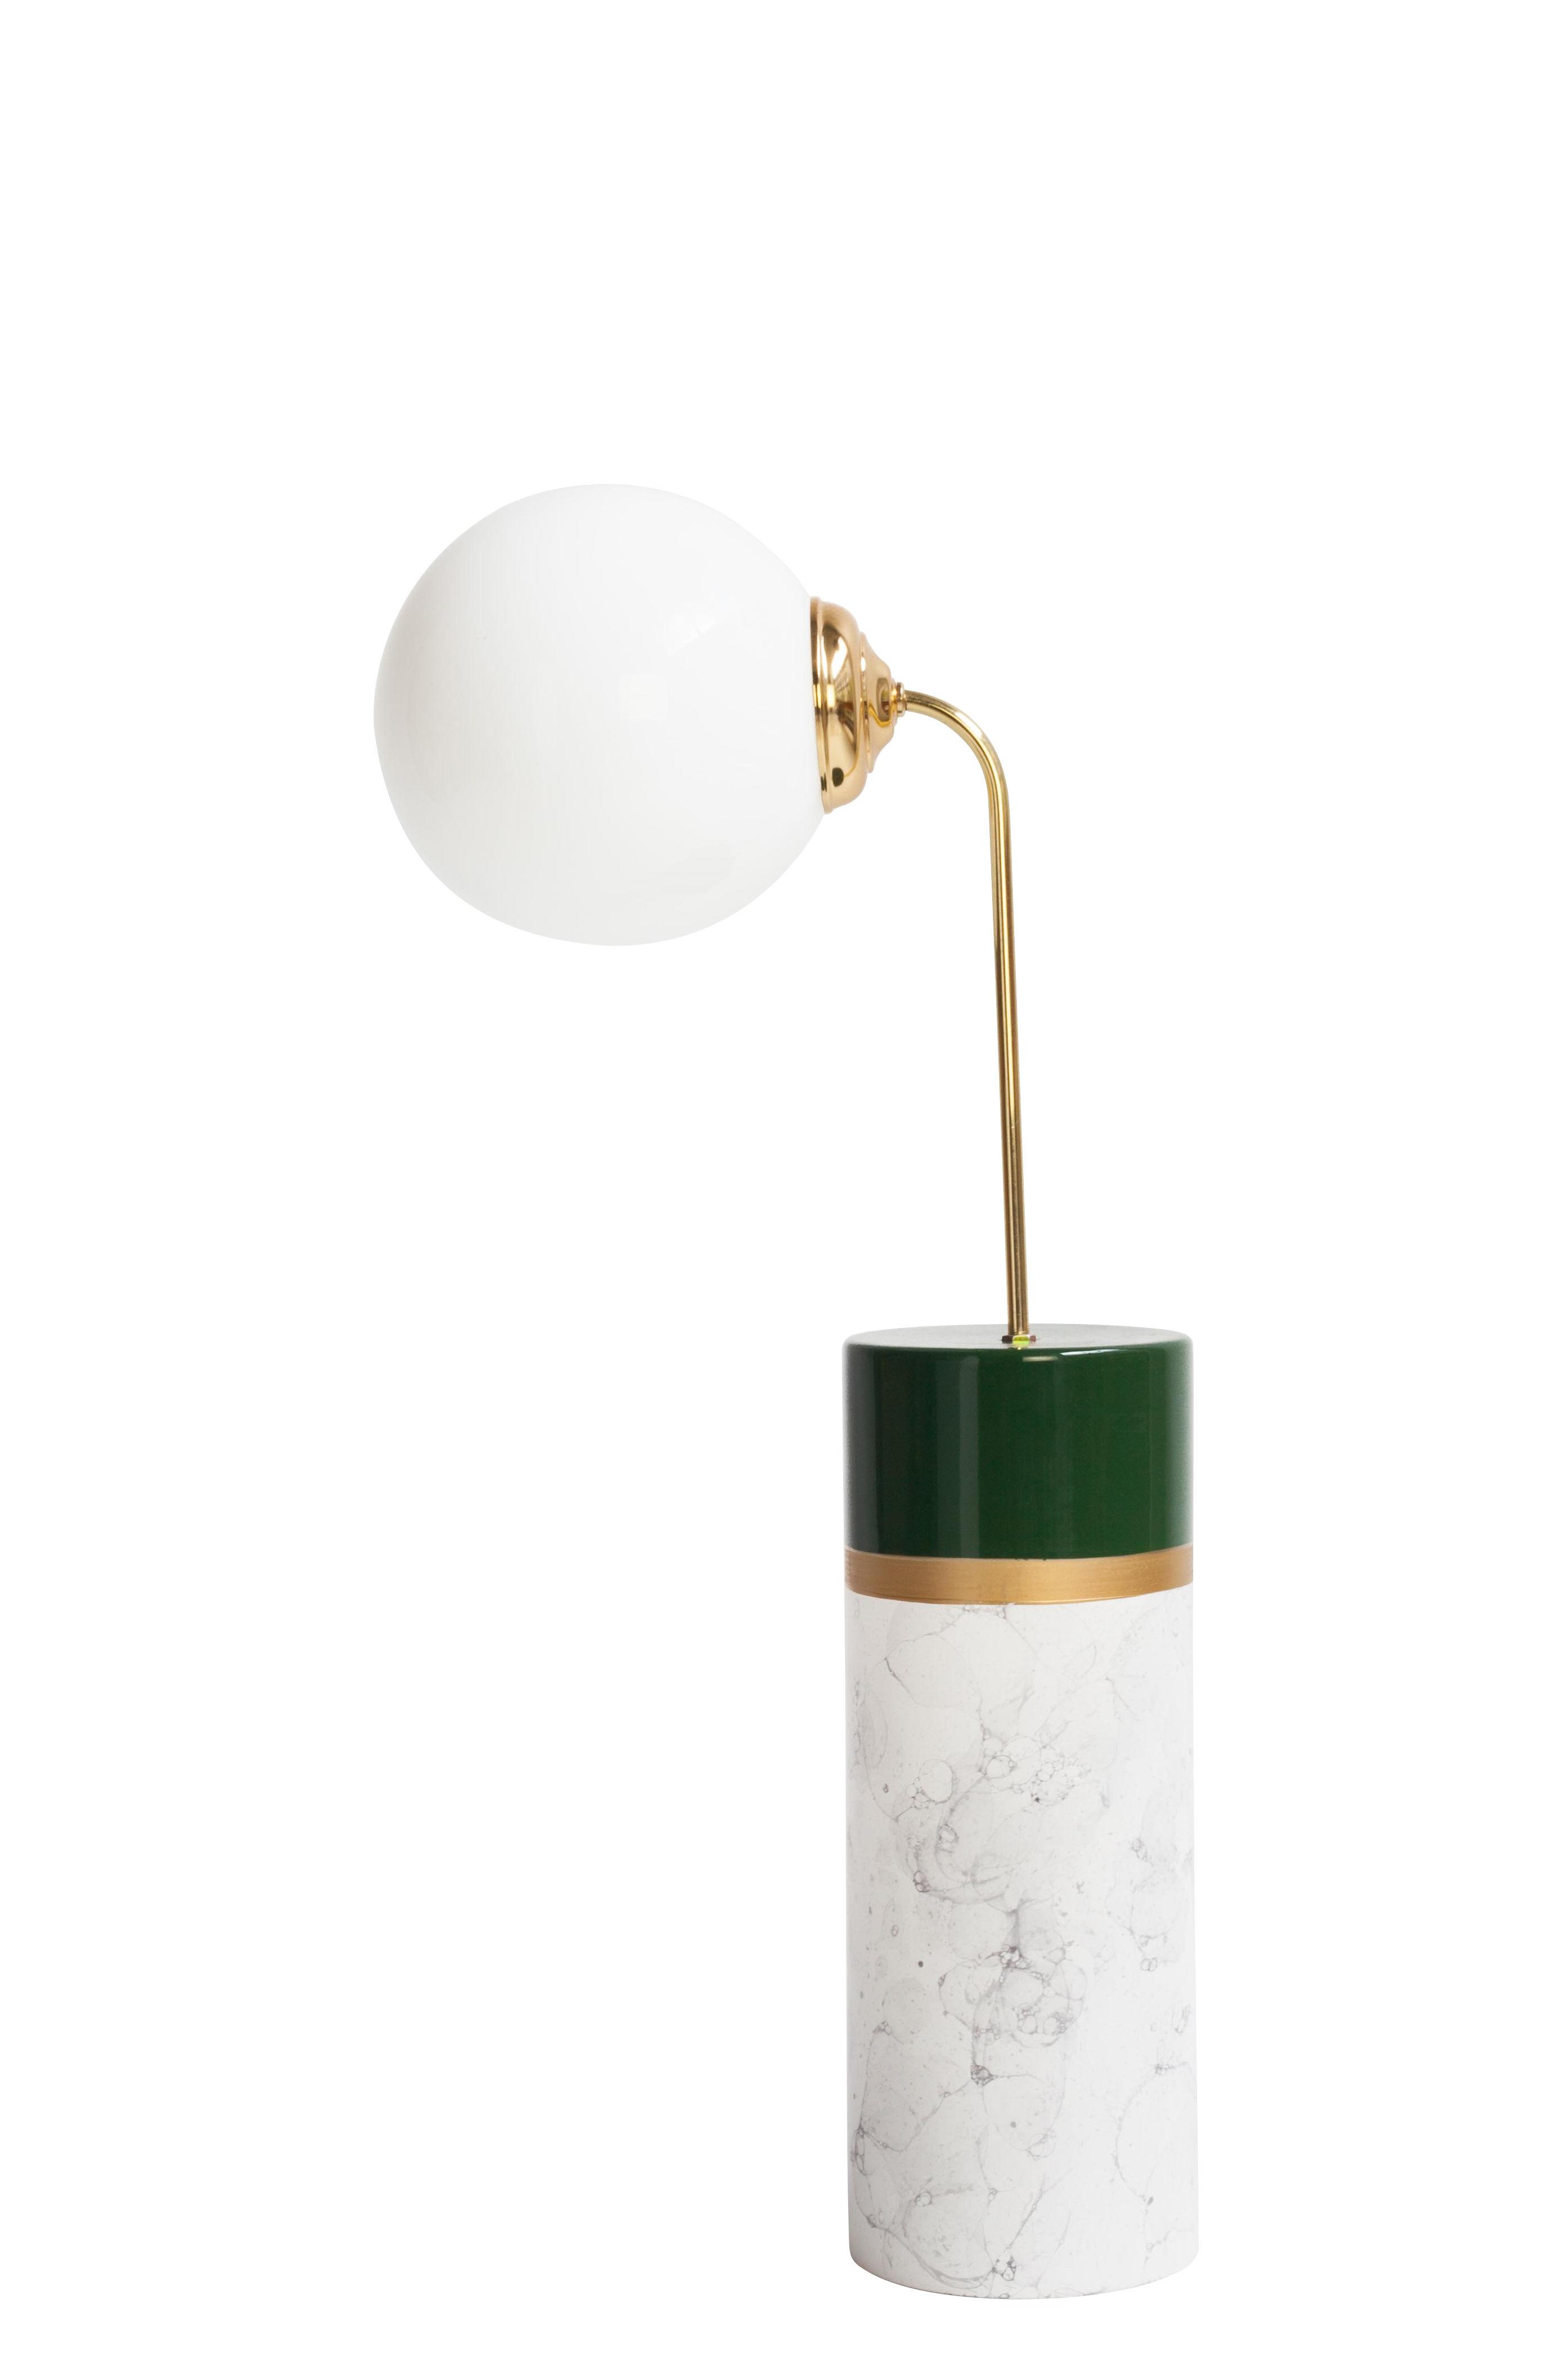 Illuminazione - Lampade da tavolo - Lampada da tavolo Avalon Round - / Ceramica - H 85 cm di Houtique - Verde, Oro & Bianco - Acciaio, Ceramica smaltata, Vetro